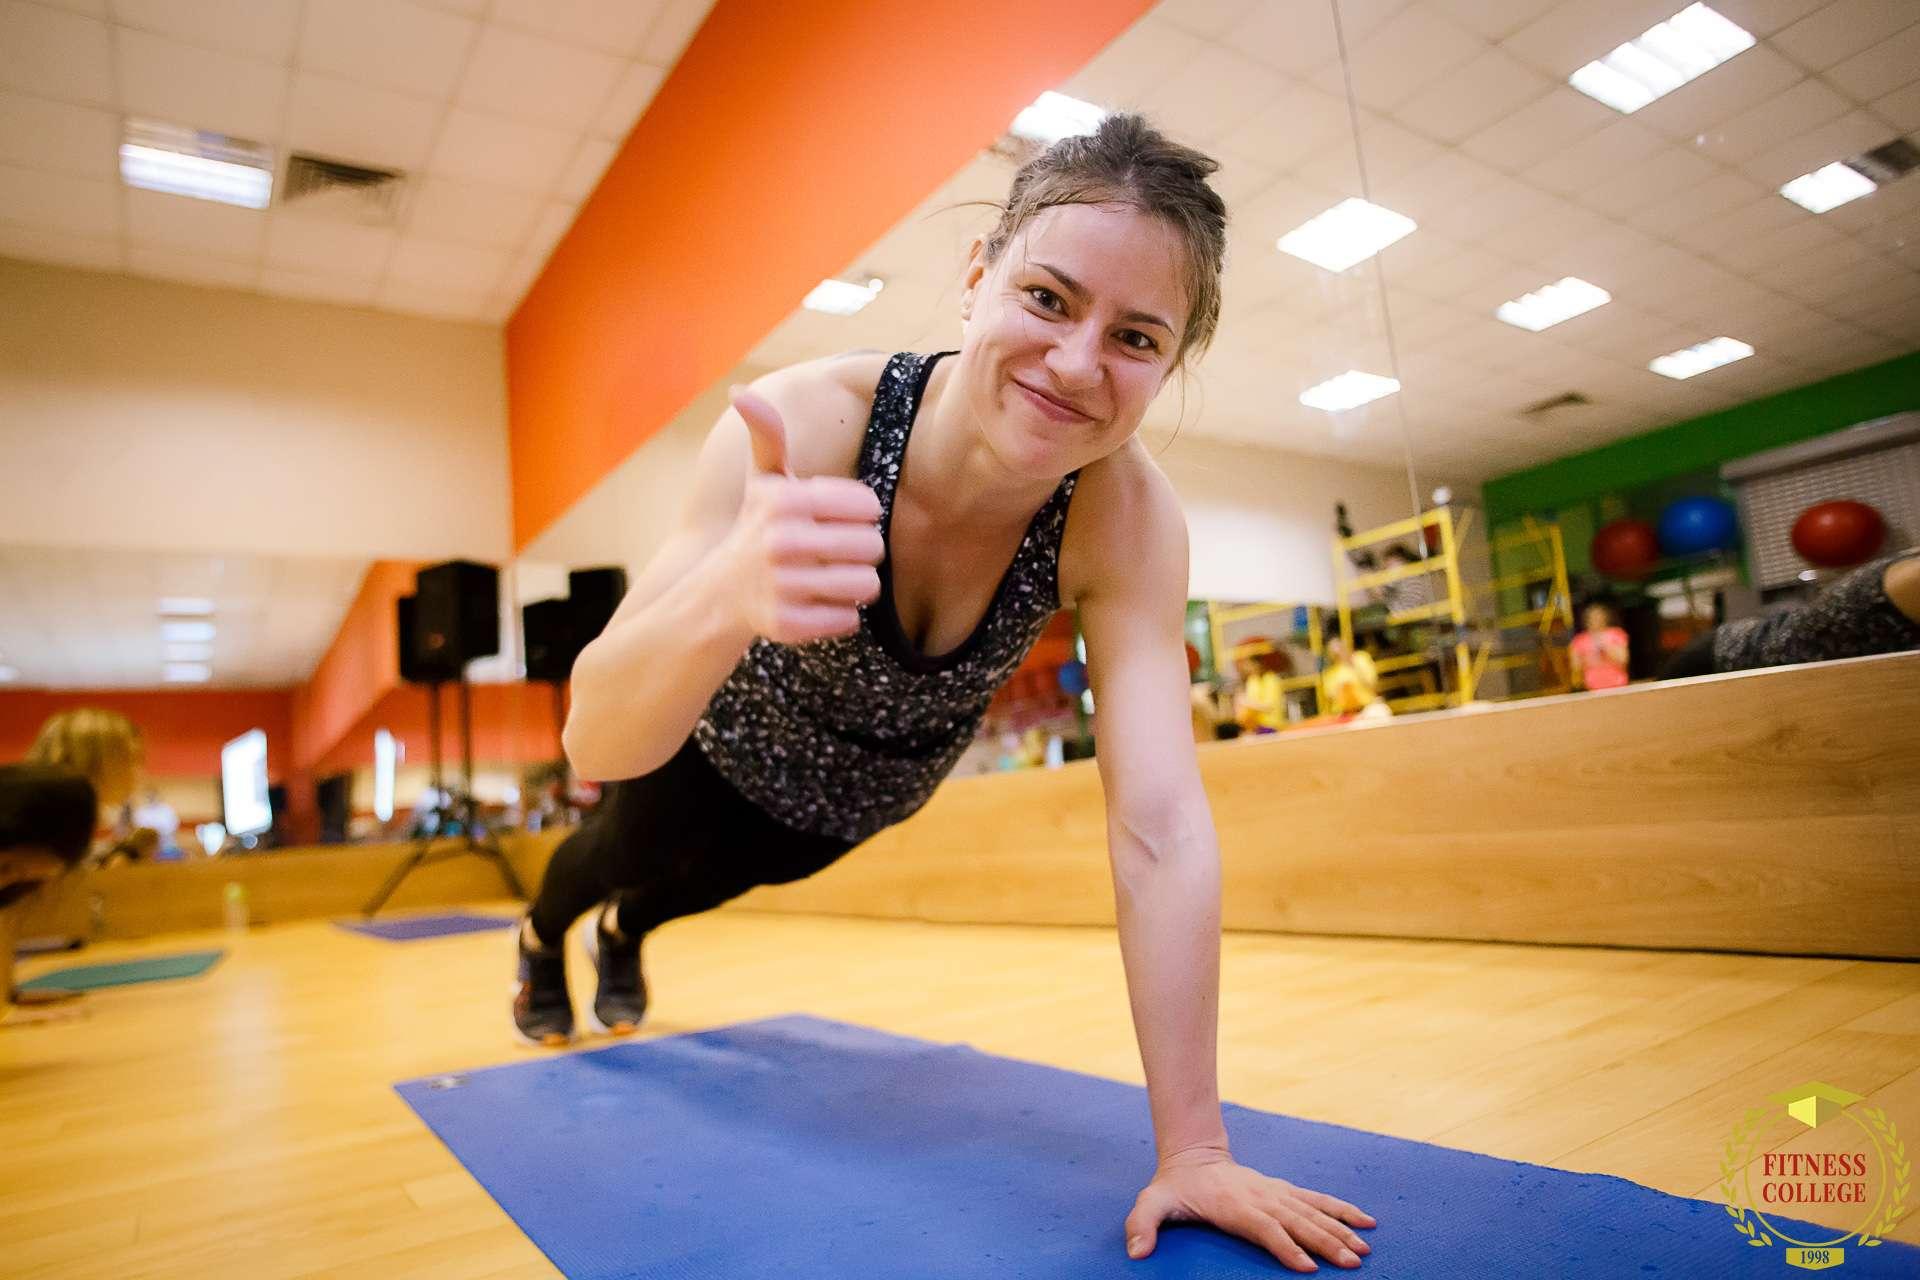 Обучение фитнесу бесплатно обучение гипнозу скачать книгу бесплатно